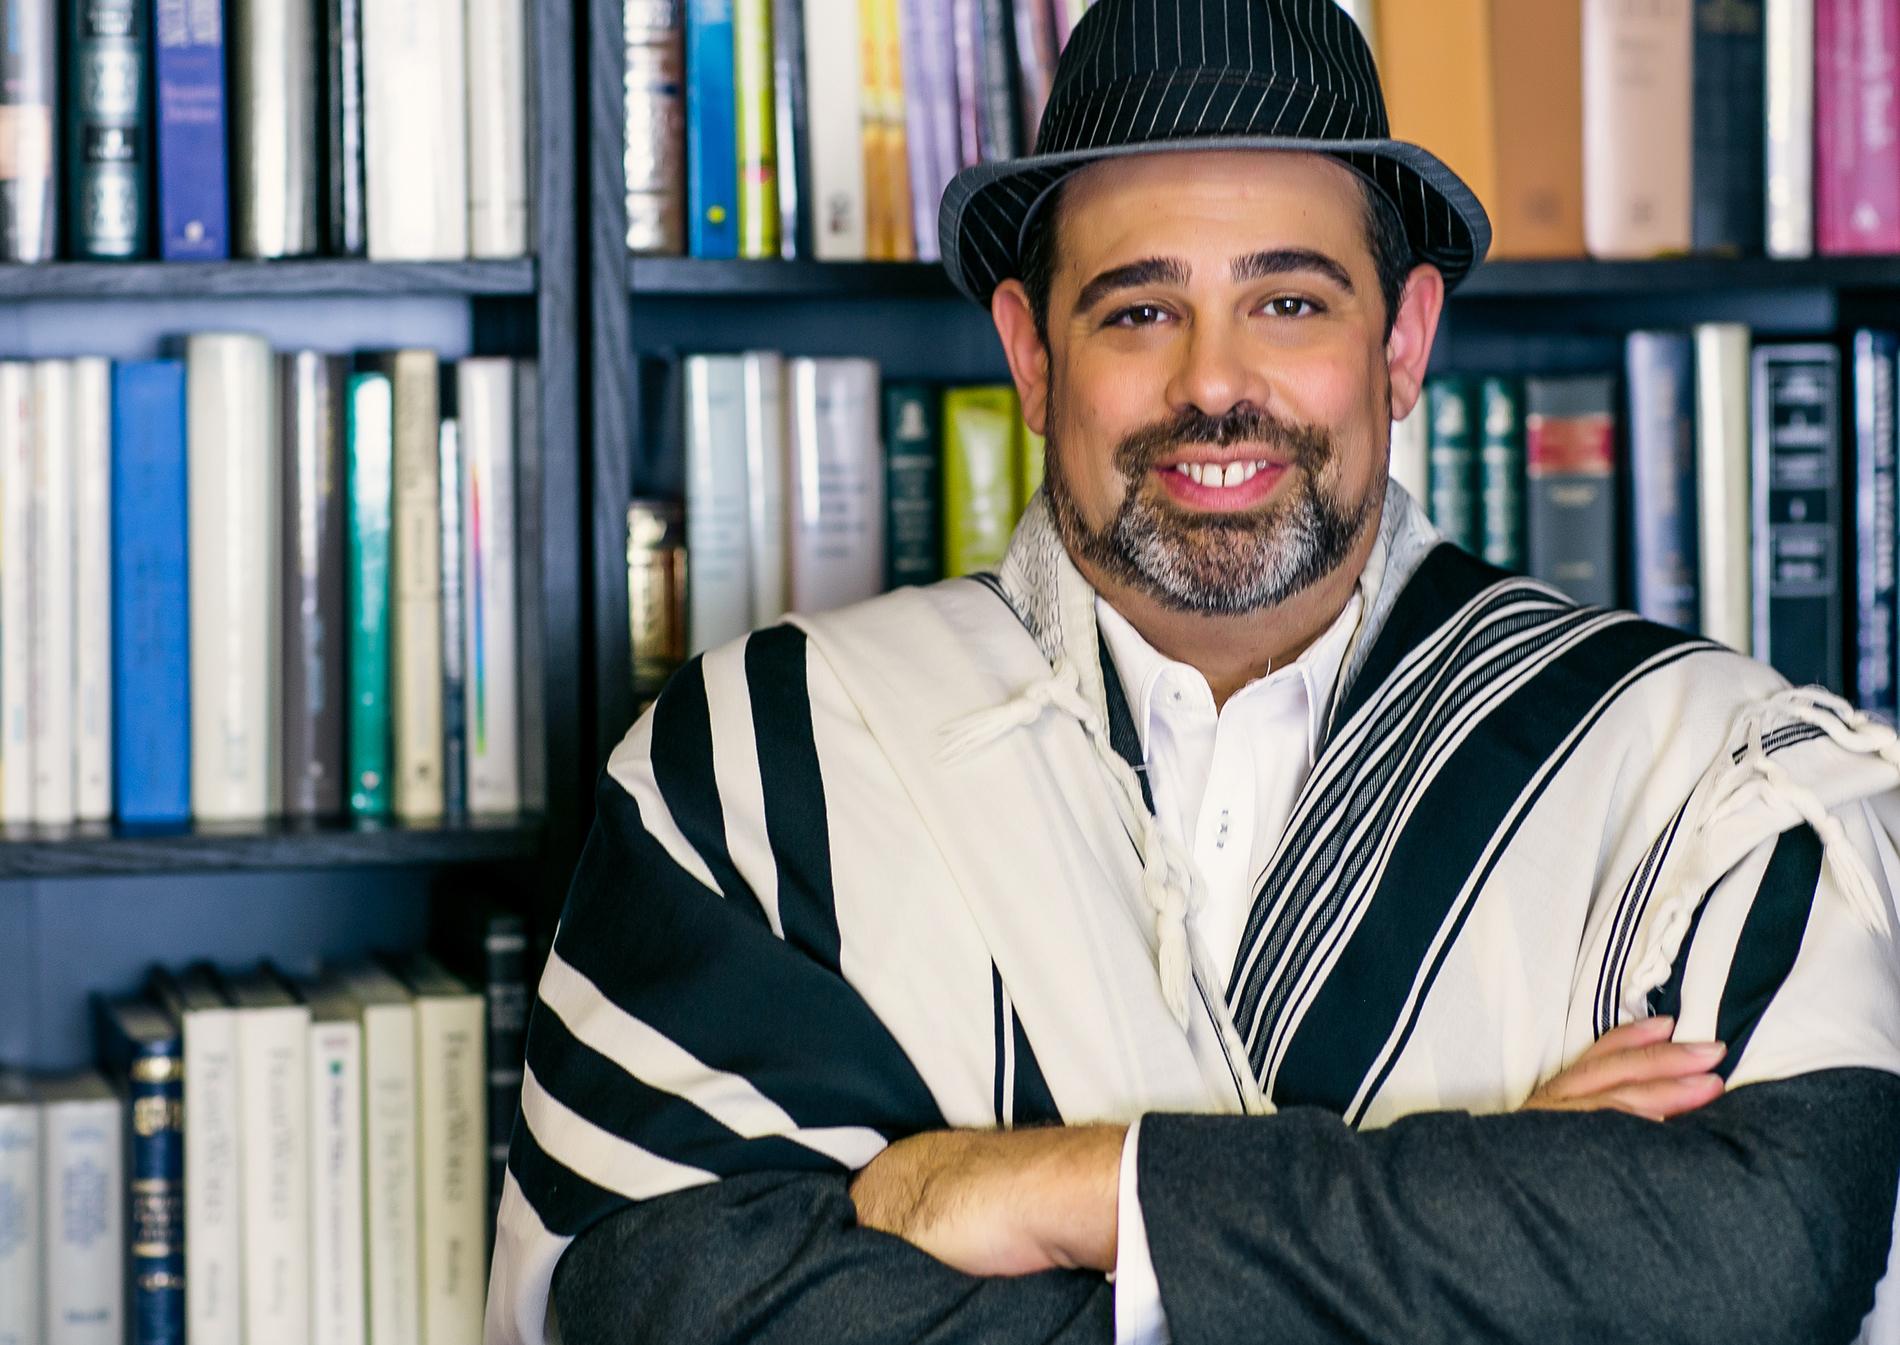 About Rabbi Jason